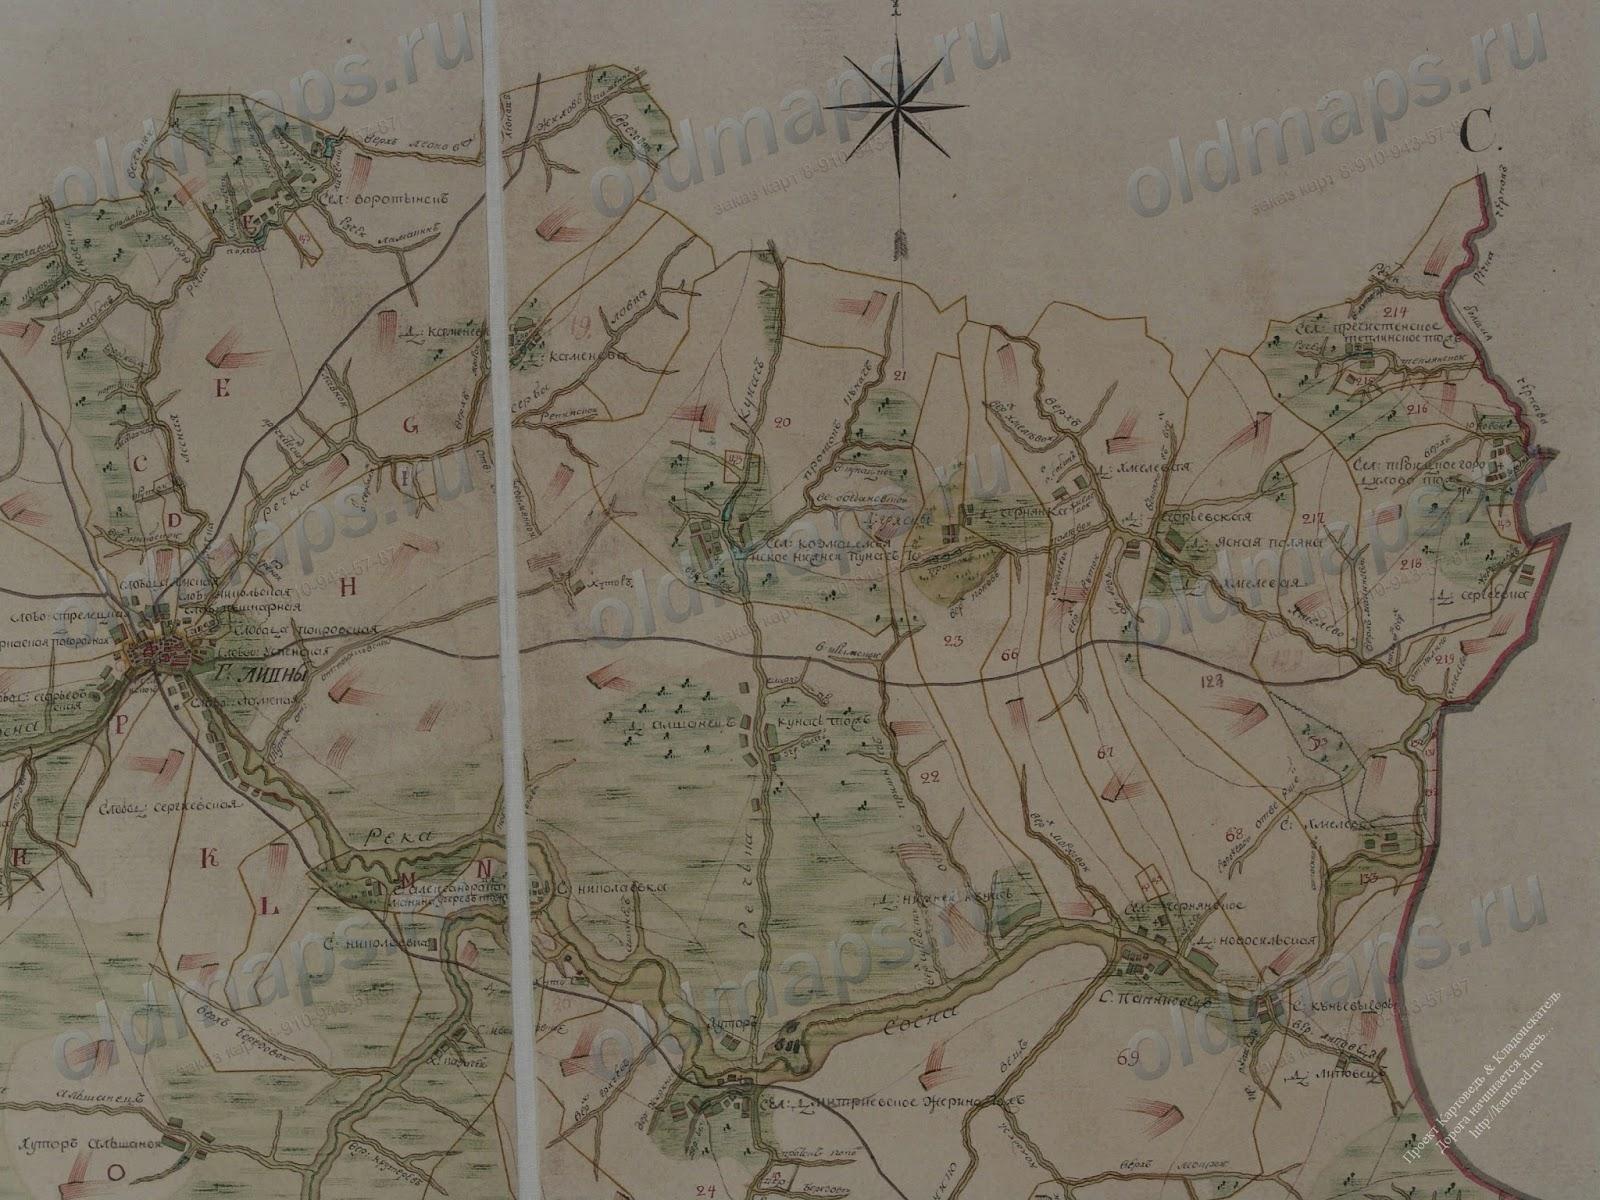 Верхтеченское село (5 благочиние) шадринский уезд отстоит от екатеринбурга, в юго-восточном направлении, на версте.